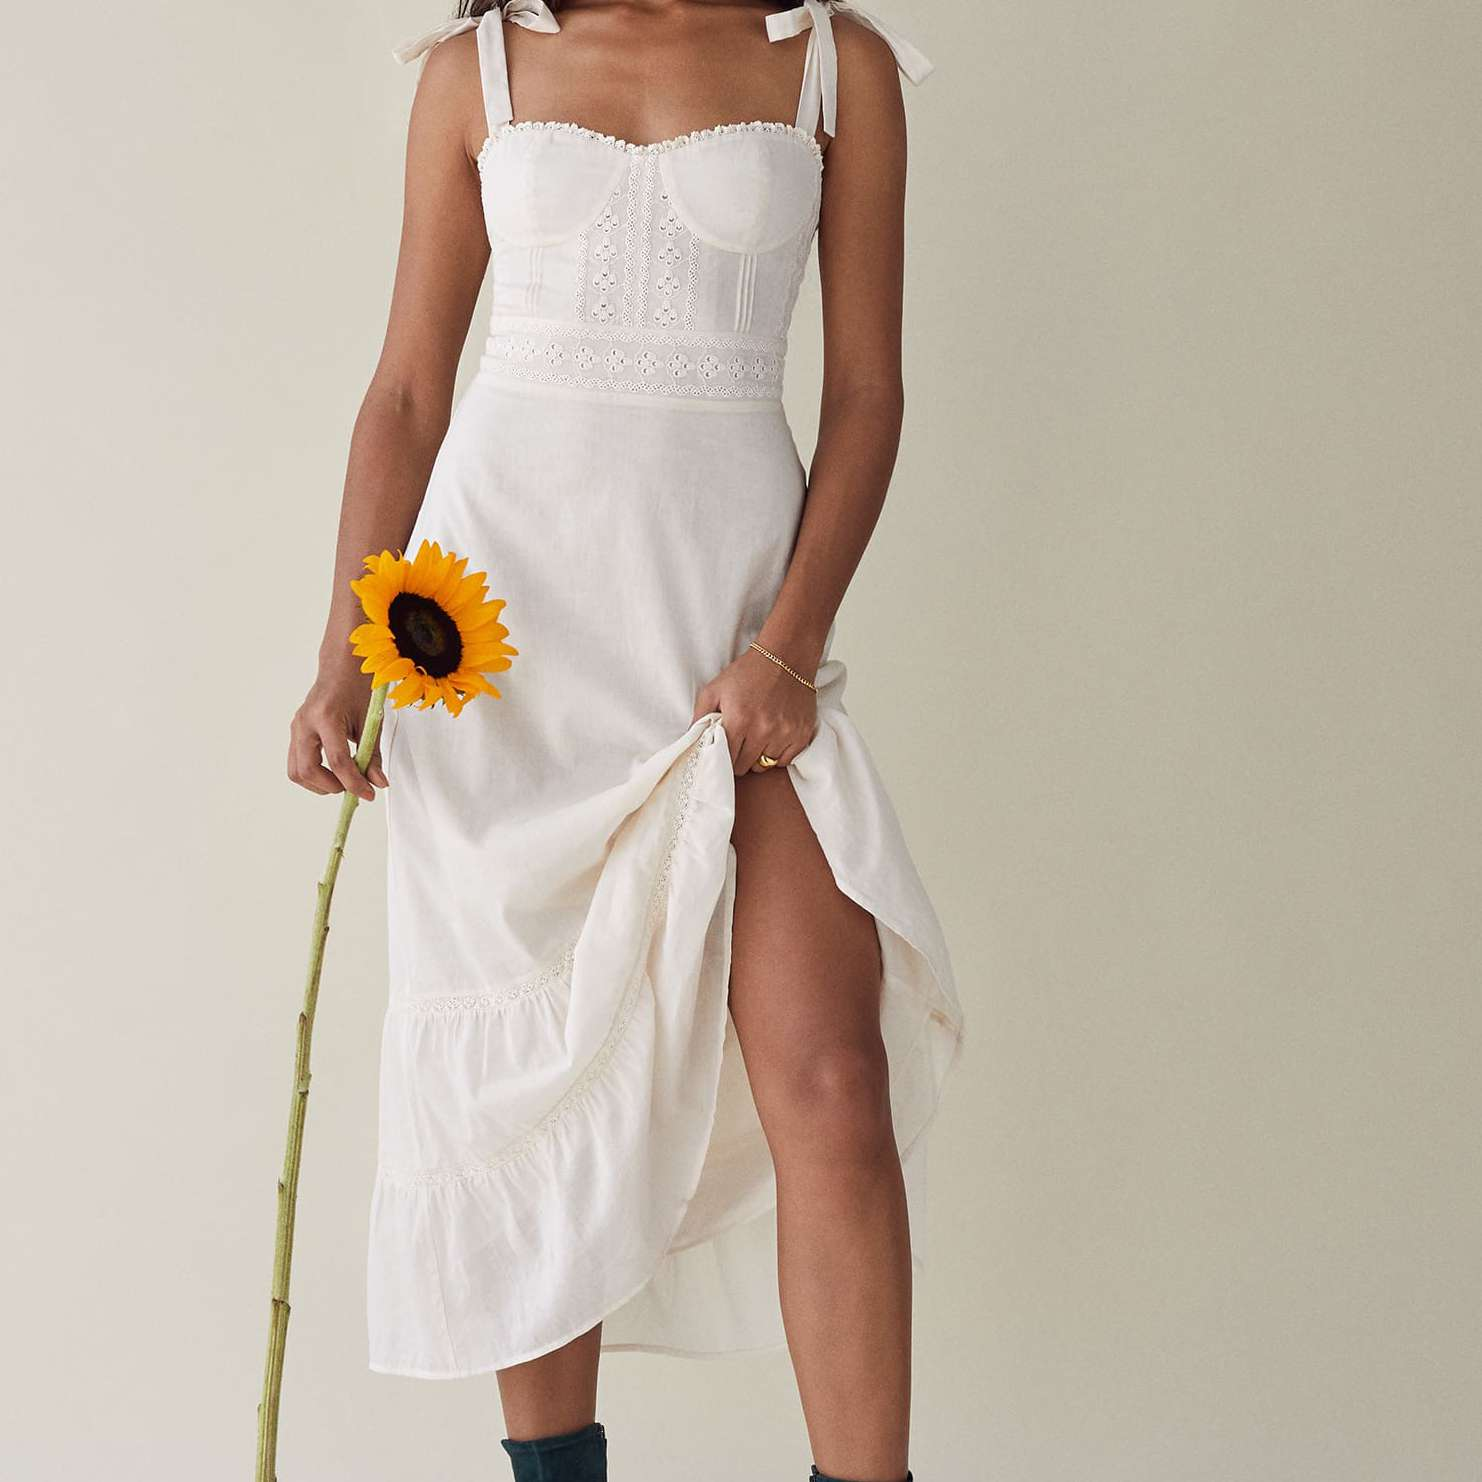 shoulder bows dress